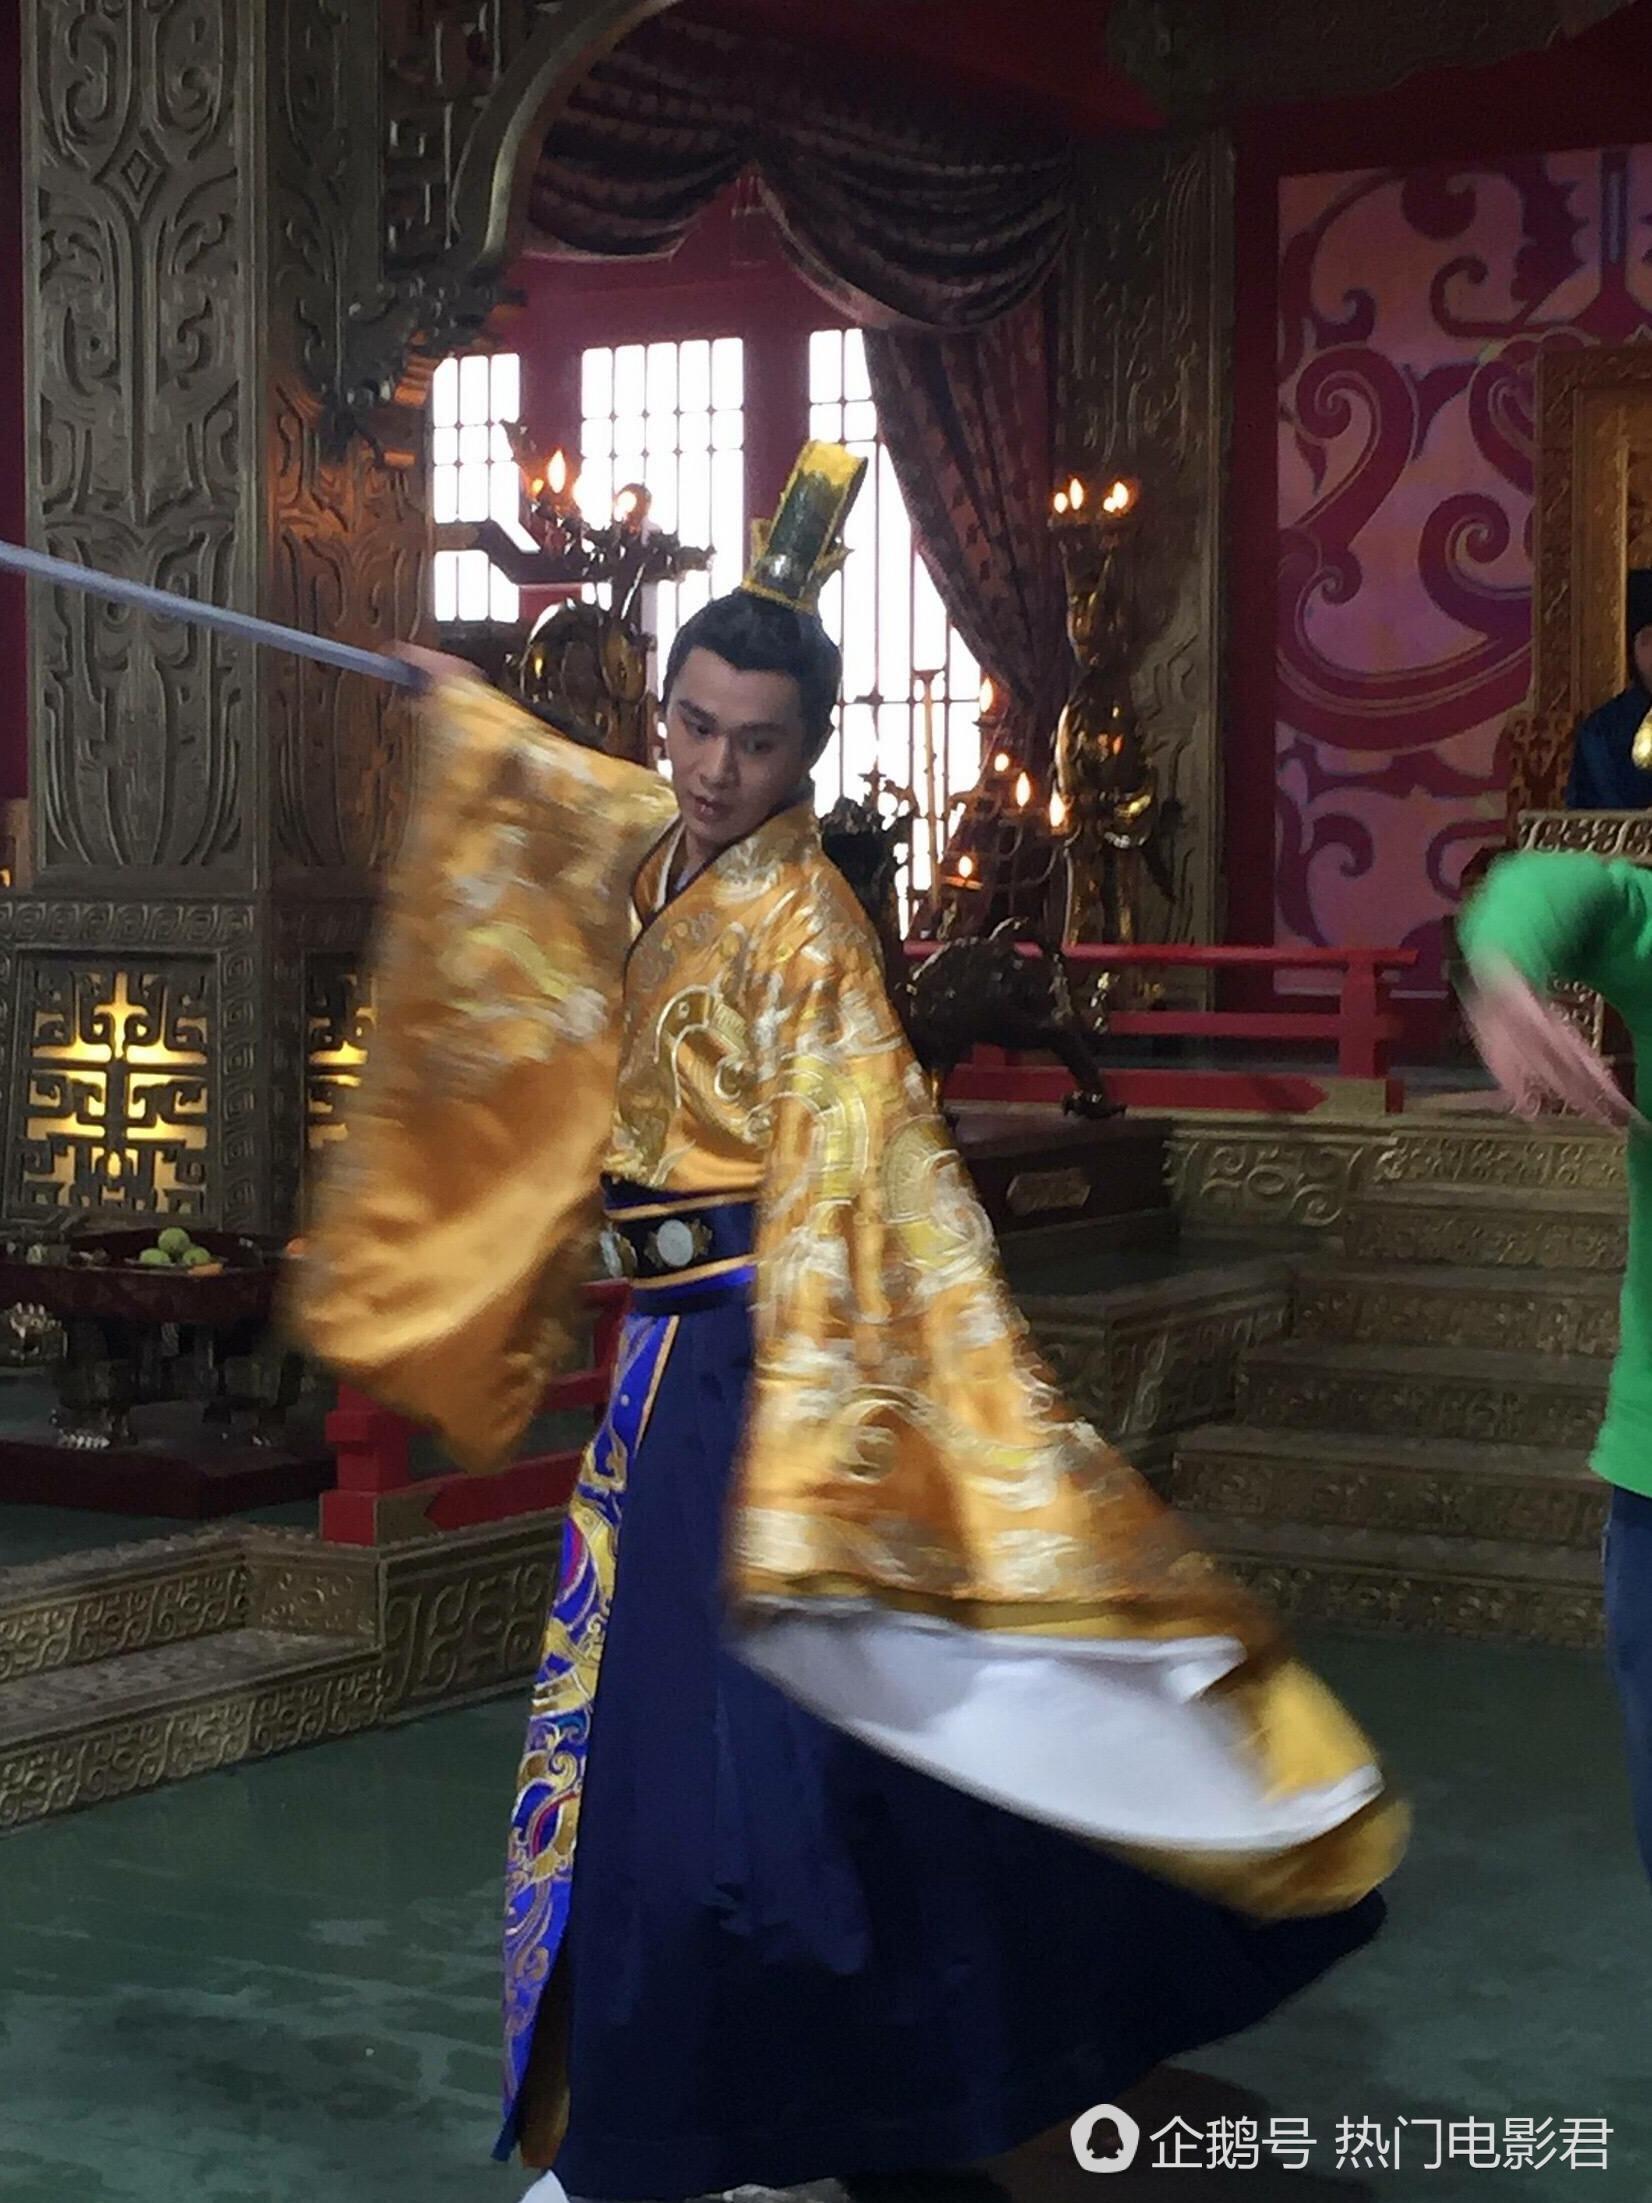 乔振宇晒自拍被贴纸抢镜,没想到你是这样的楚怀王